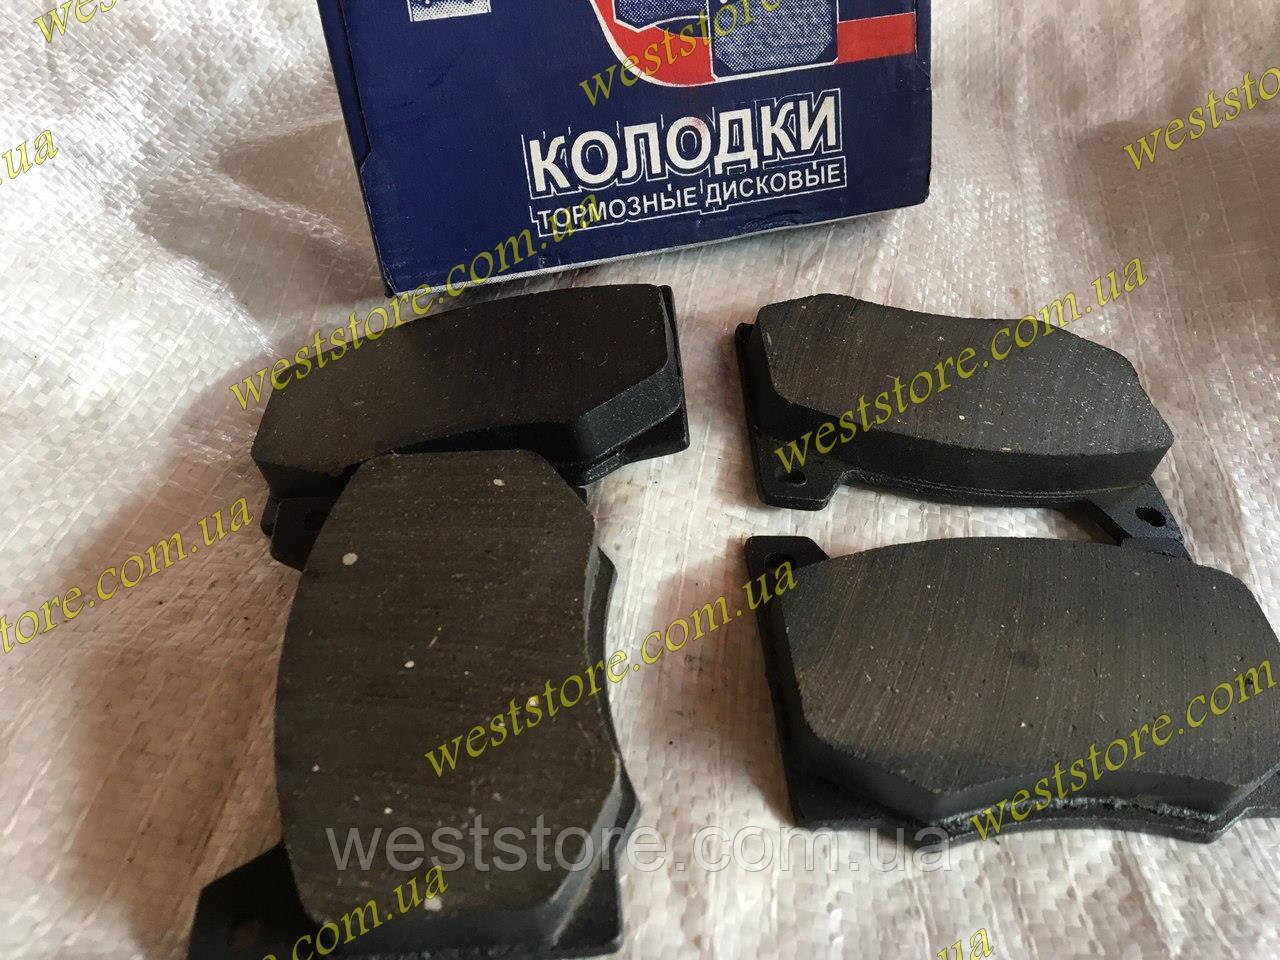 Колодки тормозные передние Москвич (М-412, 2140) STOP